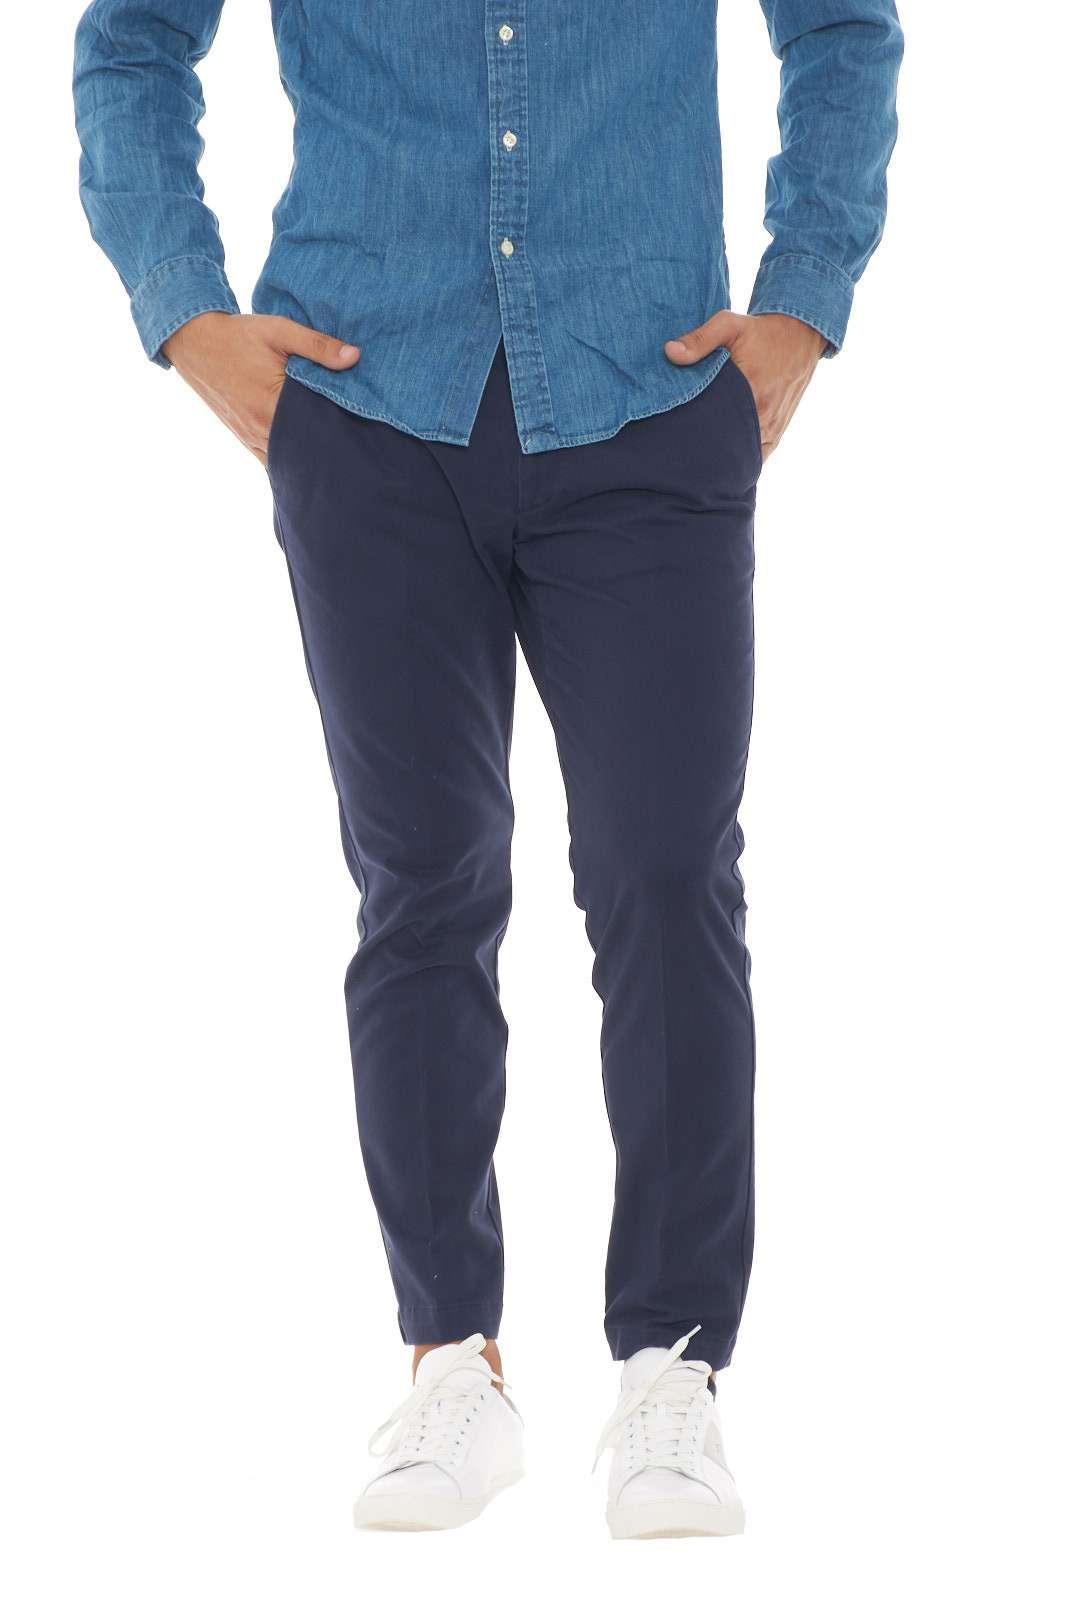 Un grande classico il pantalone uomo taglio capri firmato dalla collezione Michel Coal. Il tessuto in caldo cotone è impreziosito da tasche america e a doppio filetto per renderlo fashion e raffinato. Perfetto da abbinare sia a giacche che a maglioni, è un essential per ogni look.